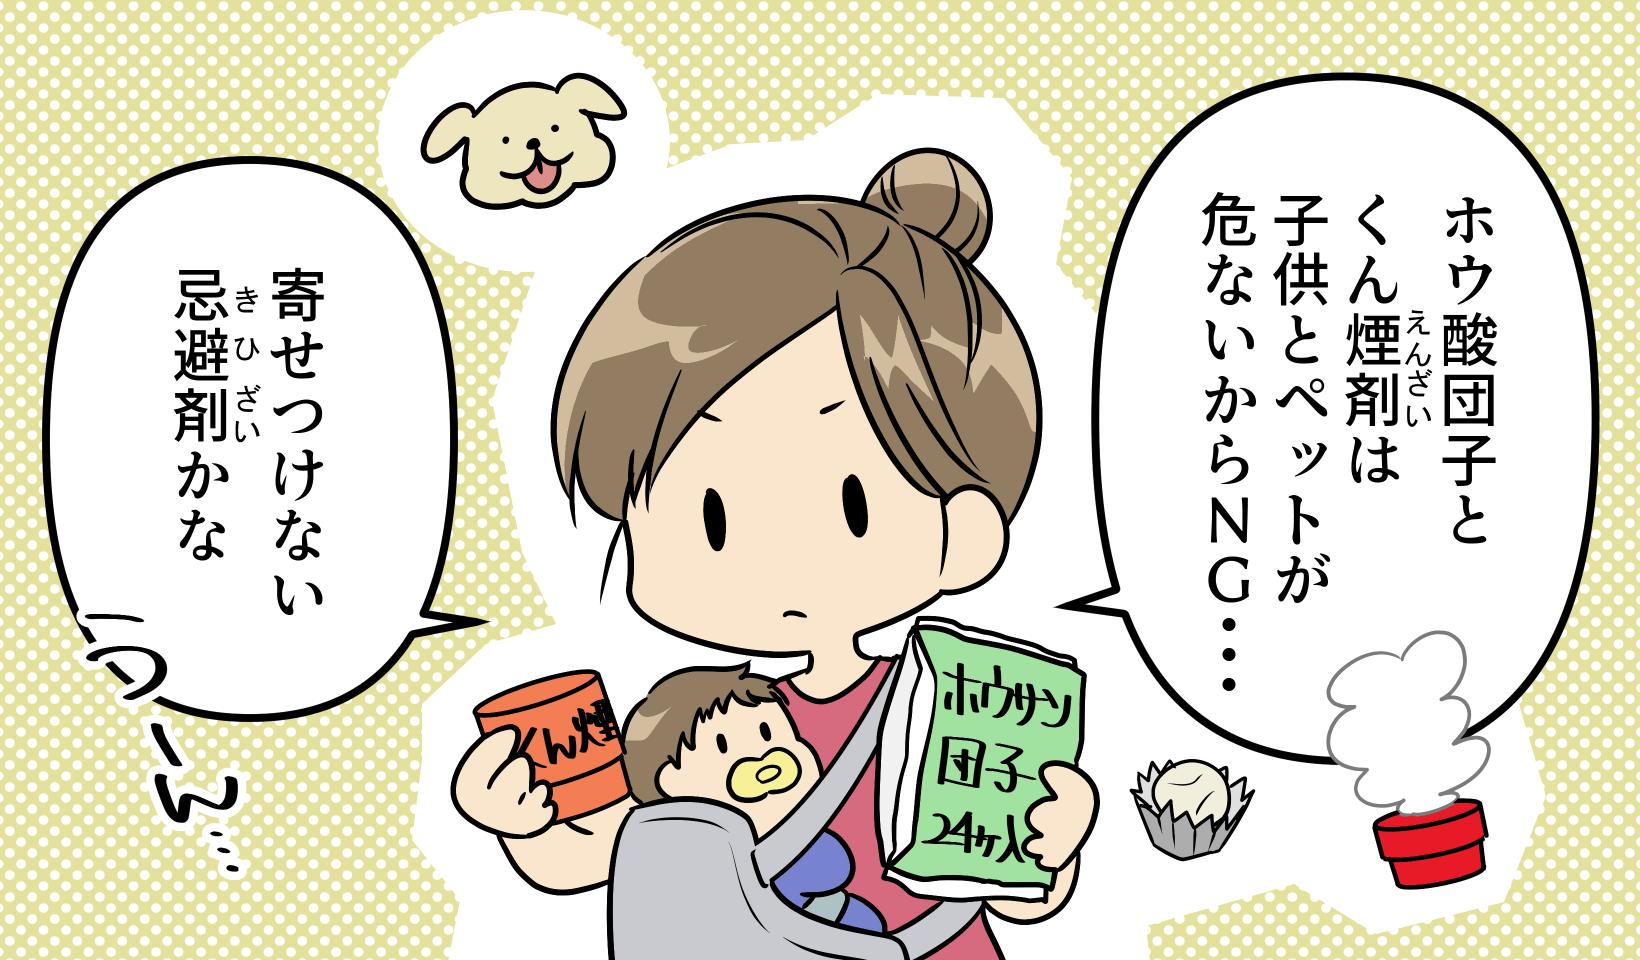 赤ちゃんとペットを考慮して対策アイテムを選ぶ母親